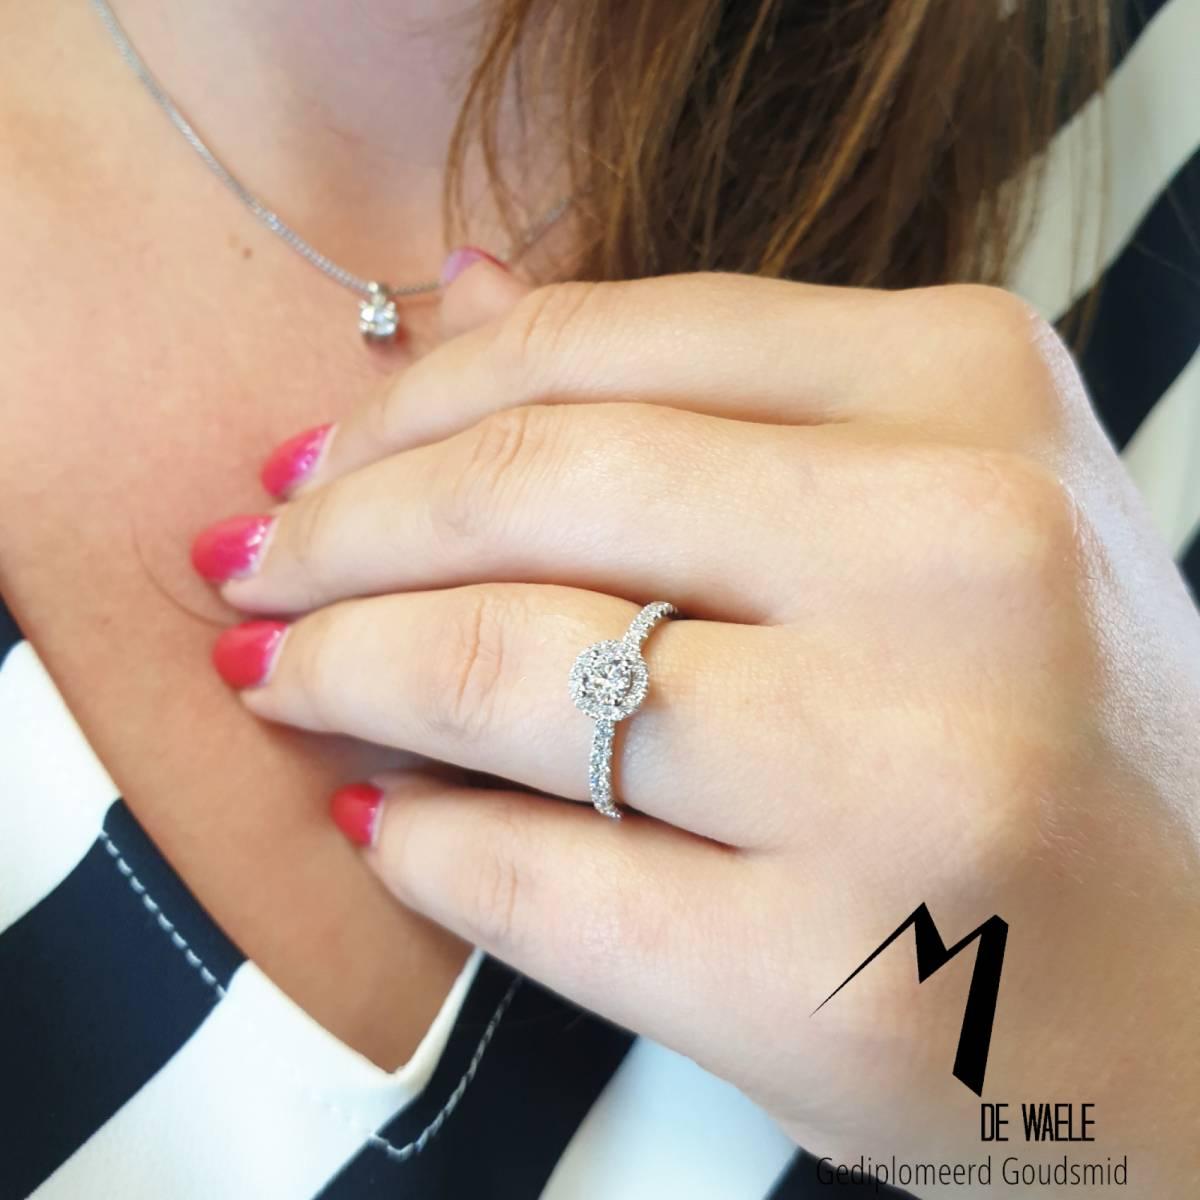 Juwelen-De-Waele-Juwelen-House-of-Weddings-_7_